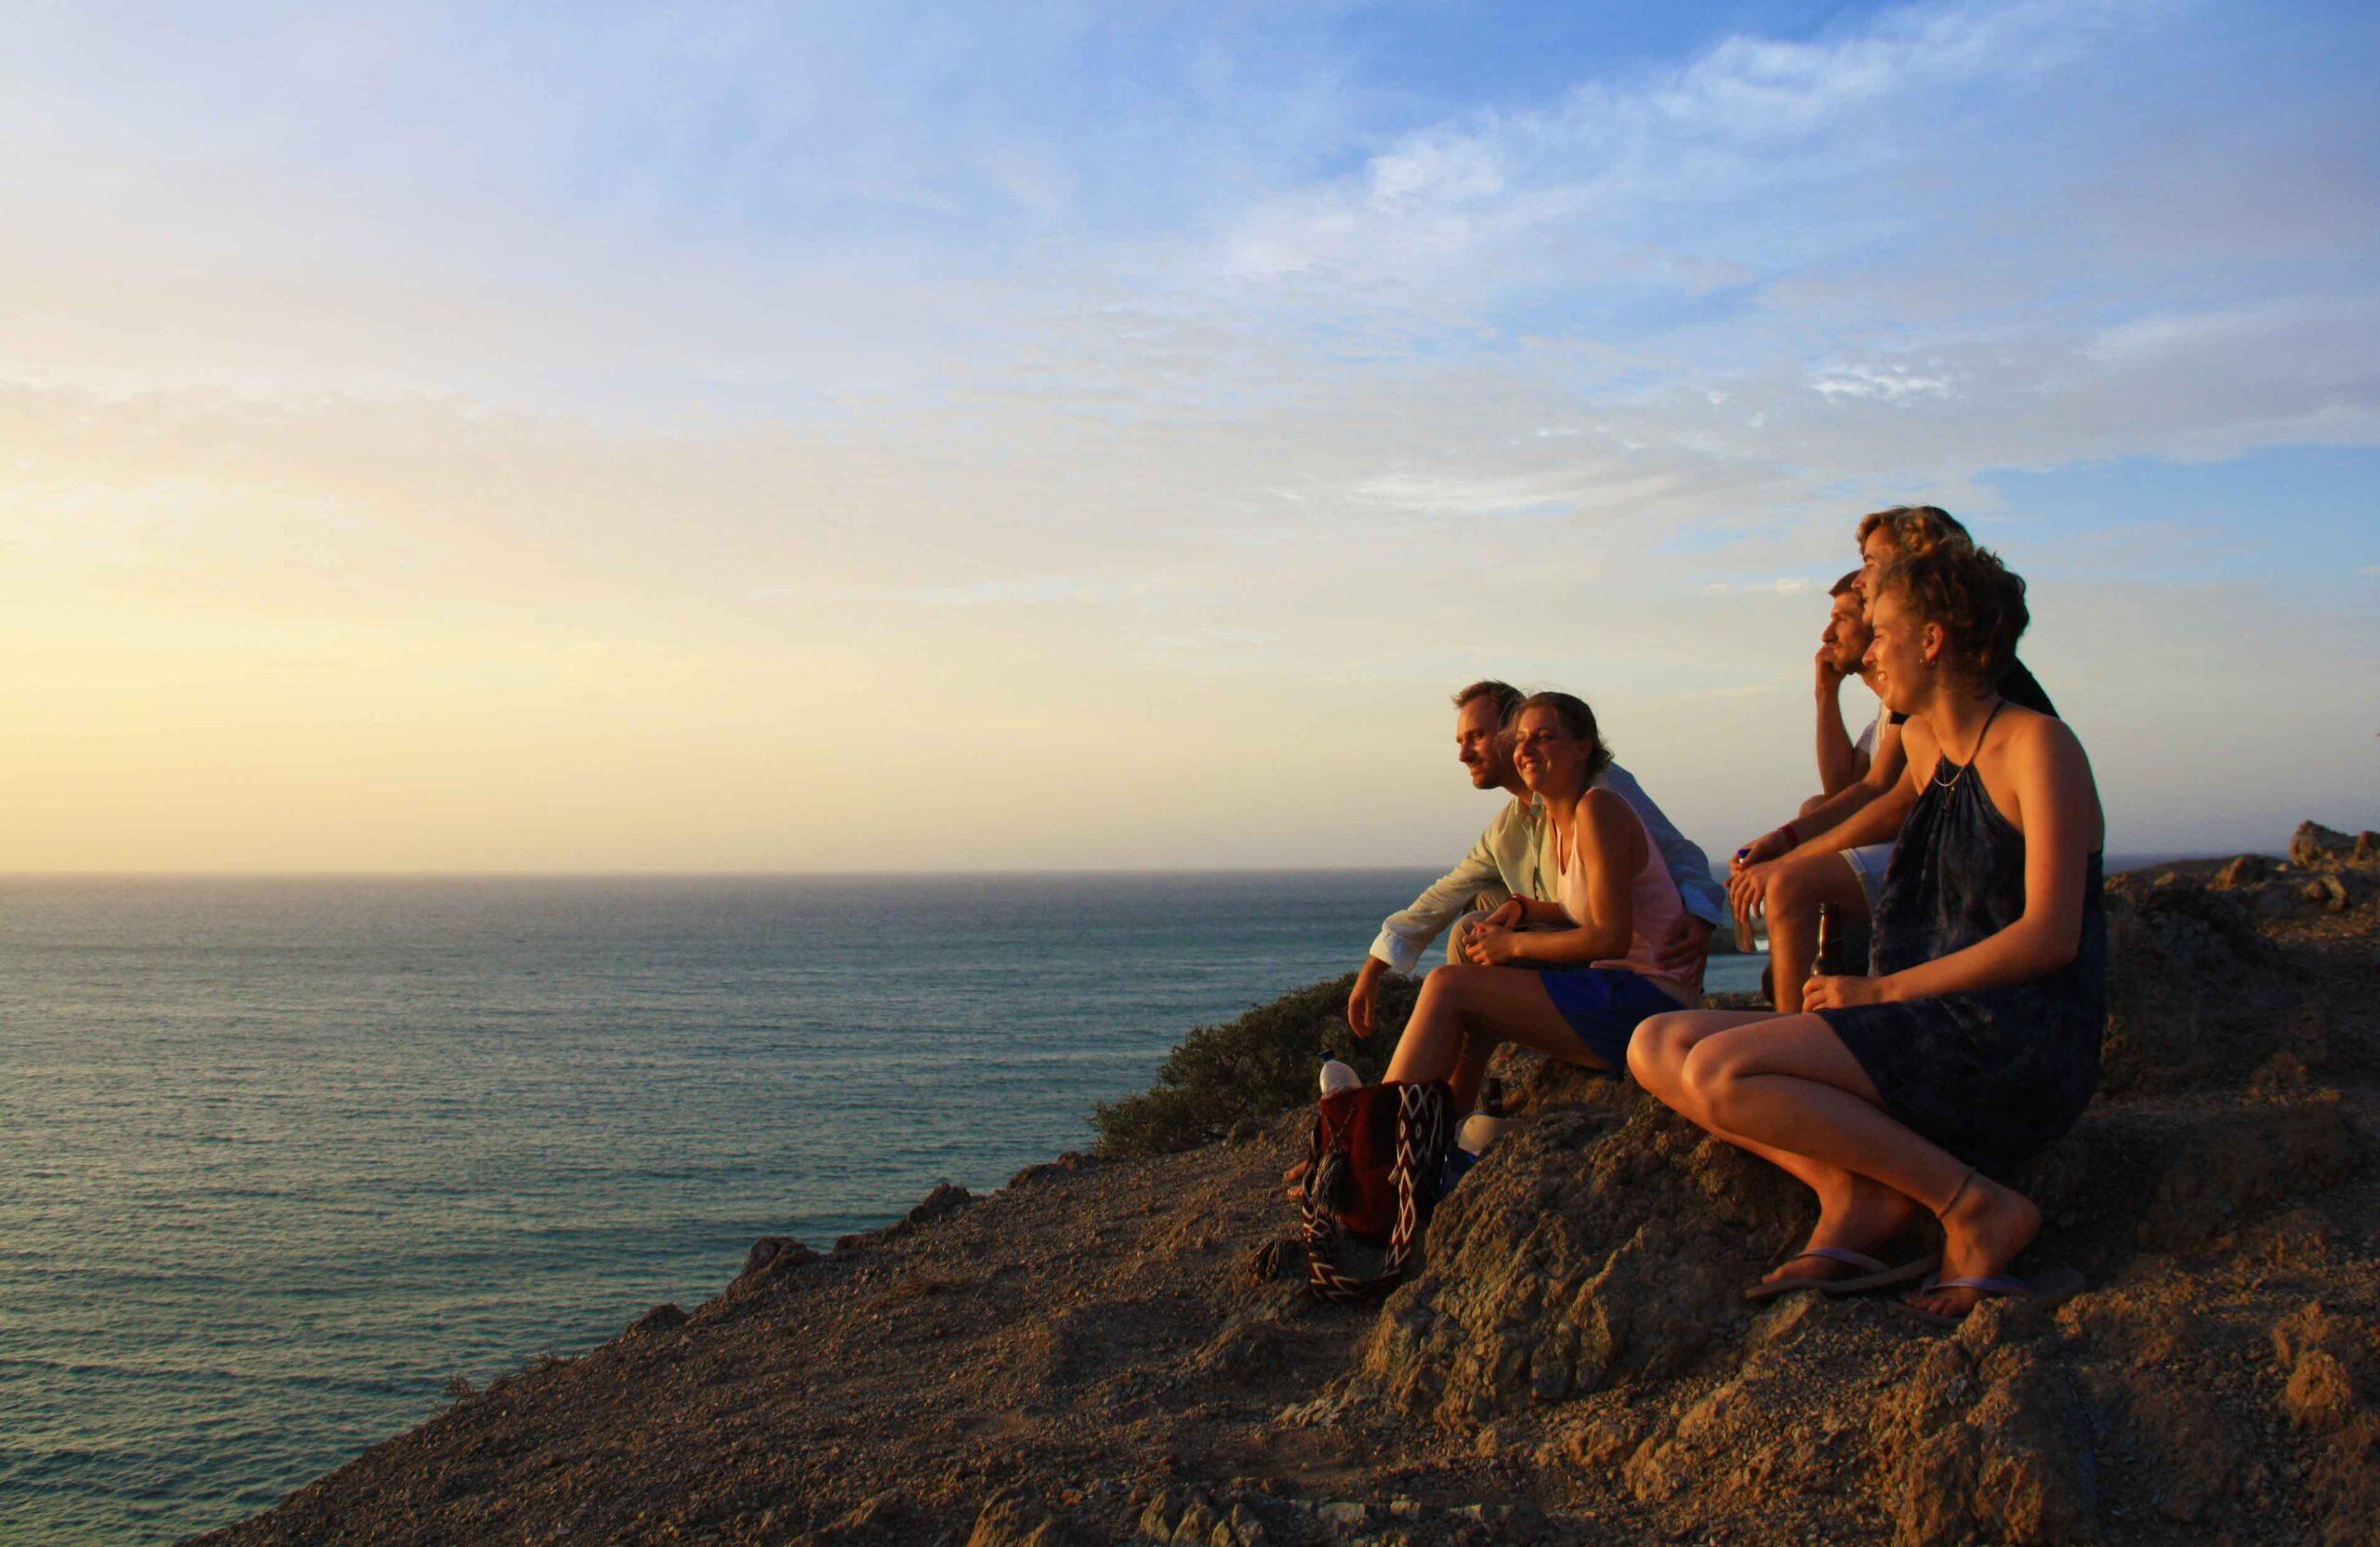 Sunset views at Cabo de la Vela